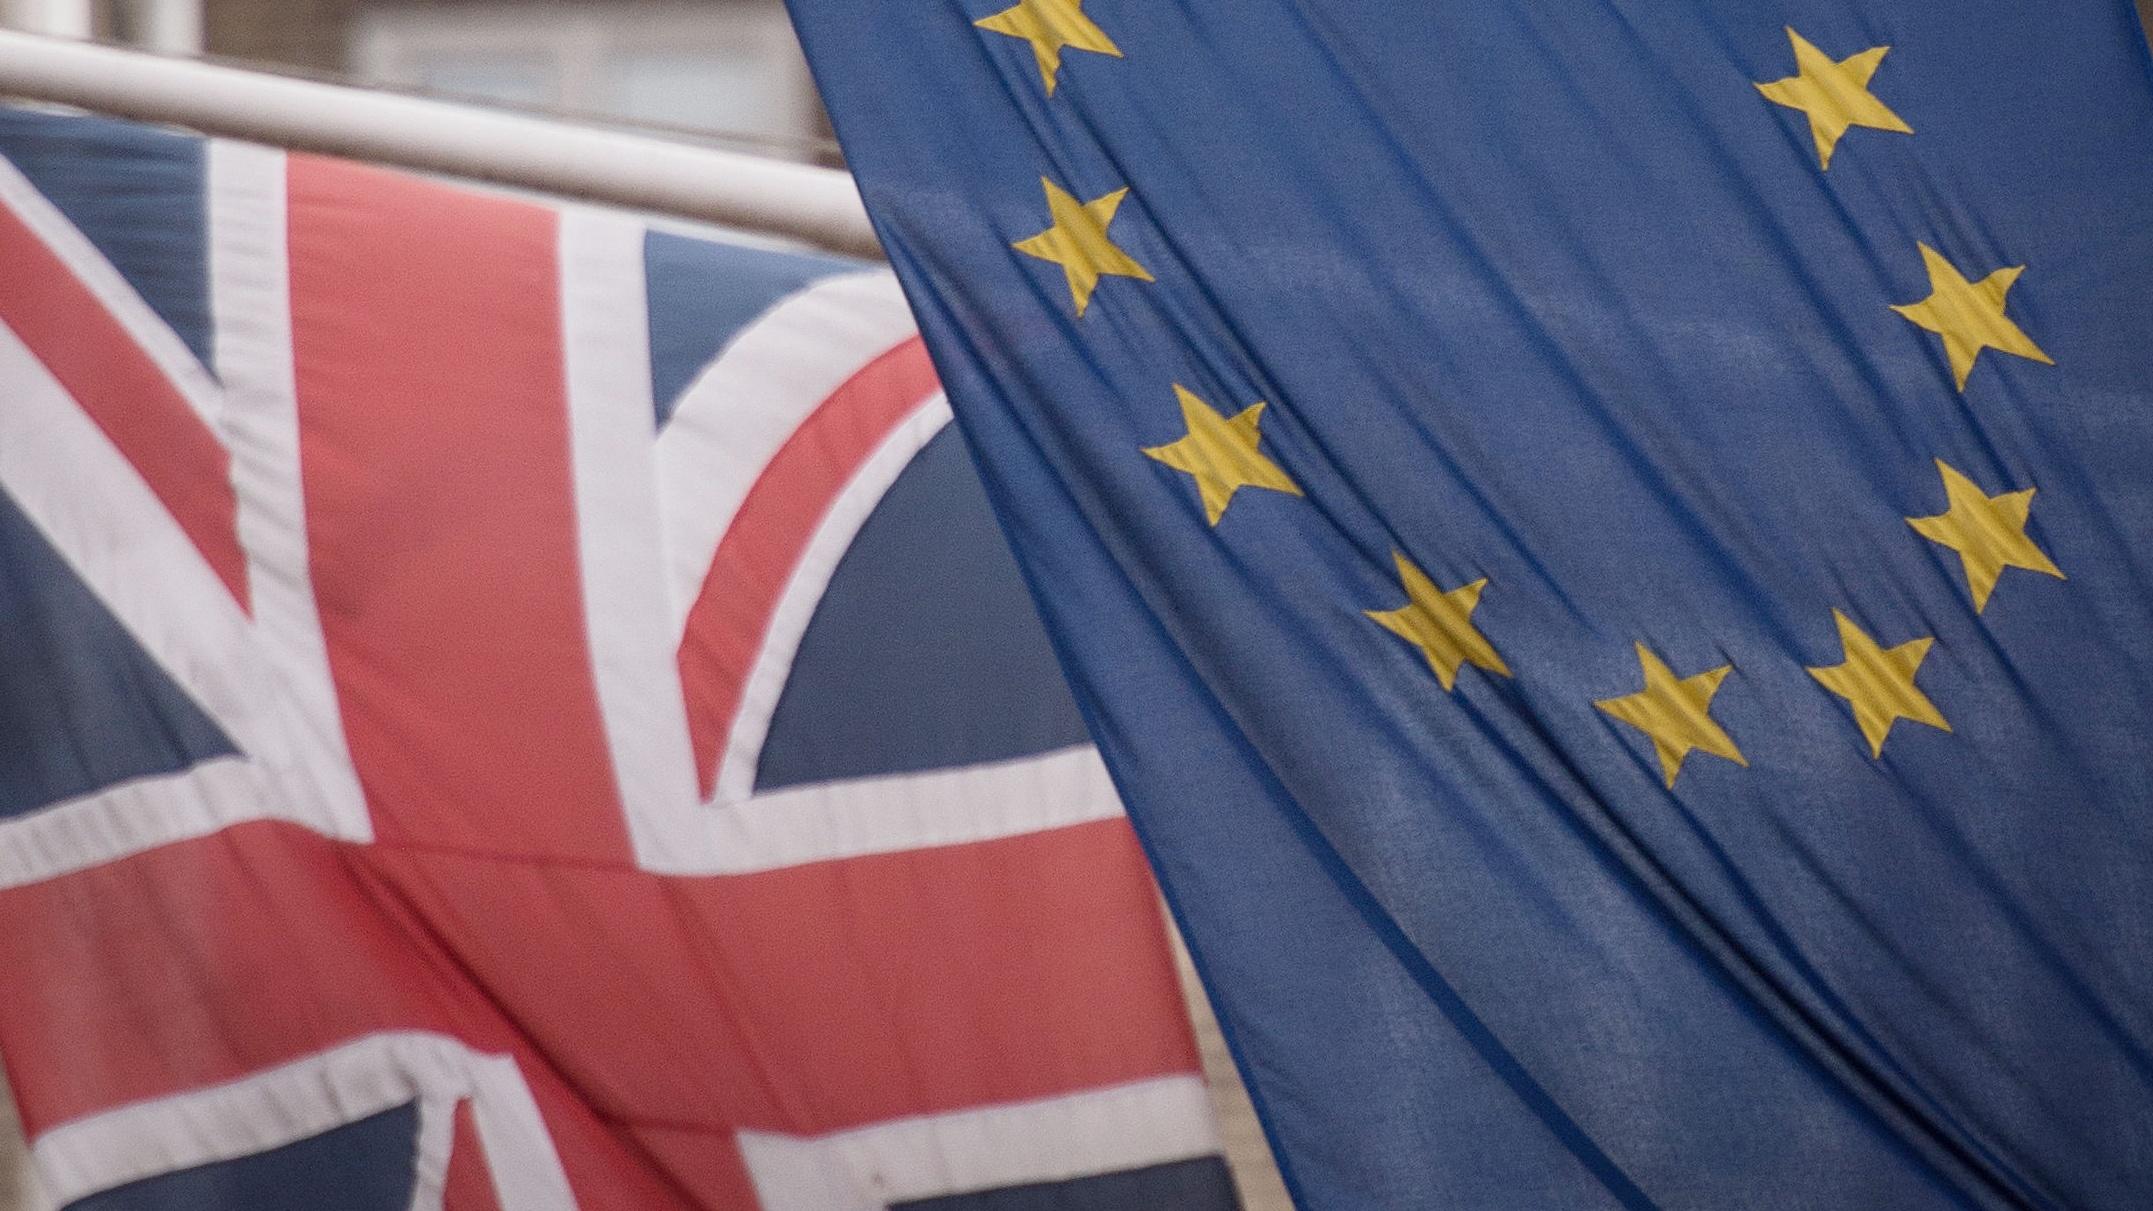 United Kingdom hires top New Zealand trade negotiator to head post-Brexit deals